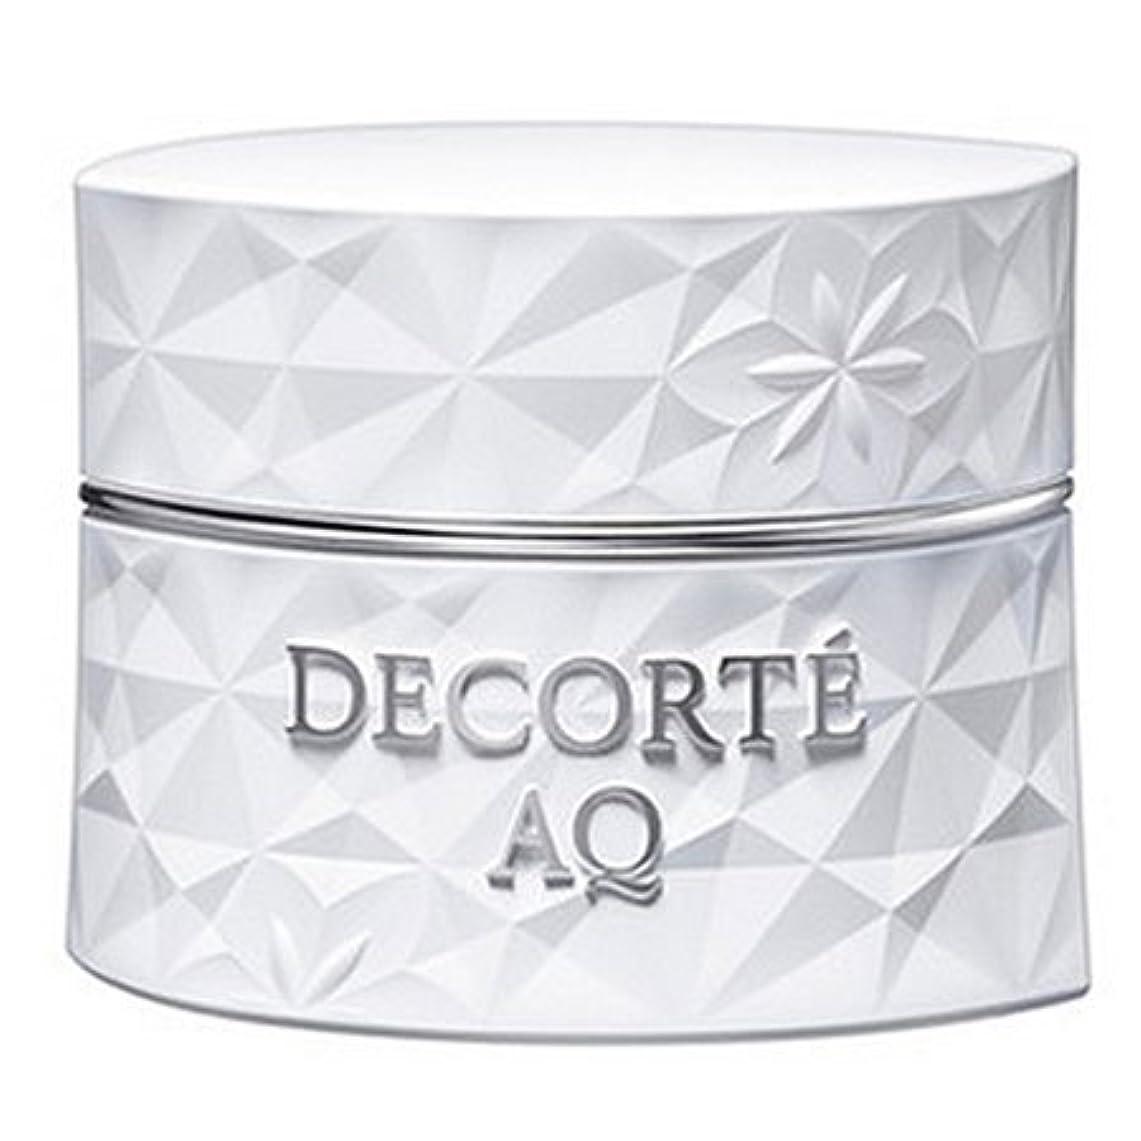 かかわらず準備スリチンモイコスメデコルテ AQ ホワイトニング クリーム 25g-COSME DECORTE-